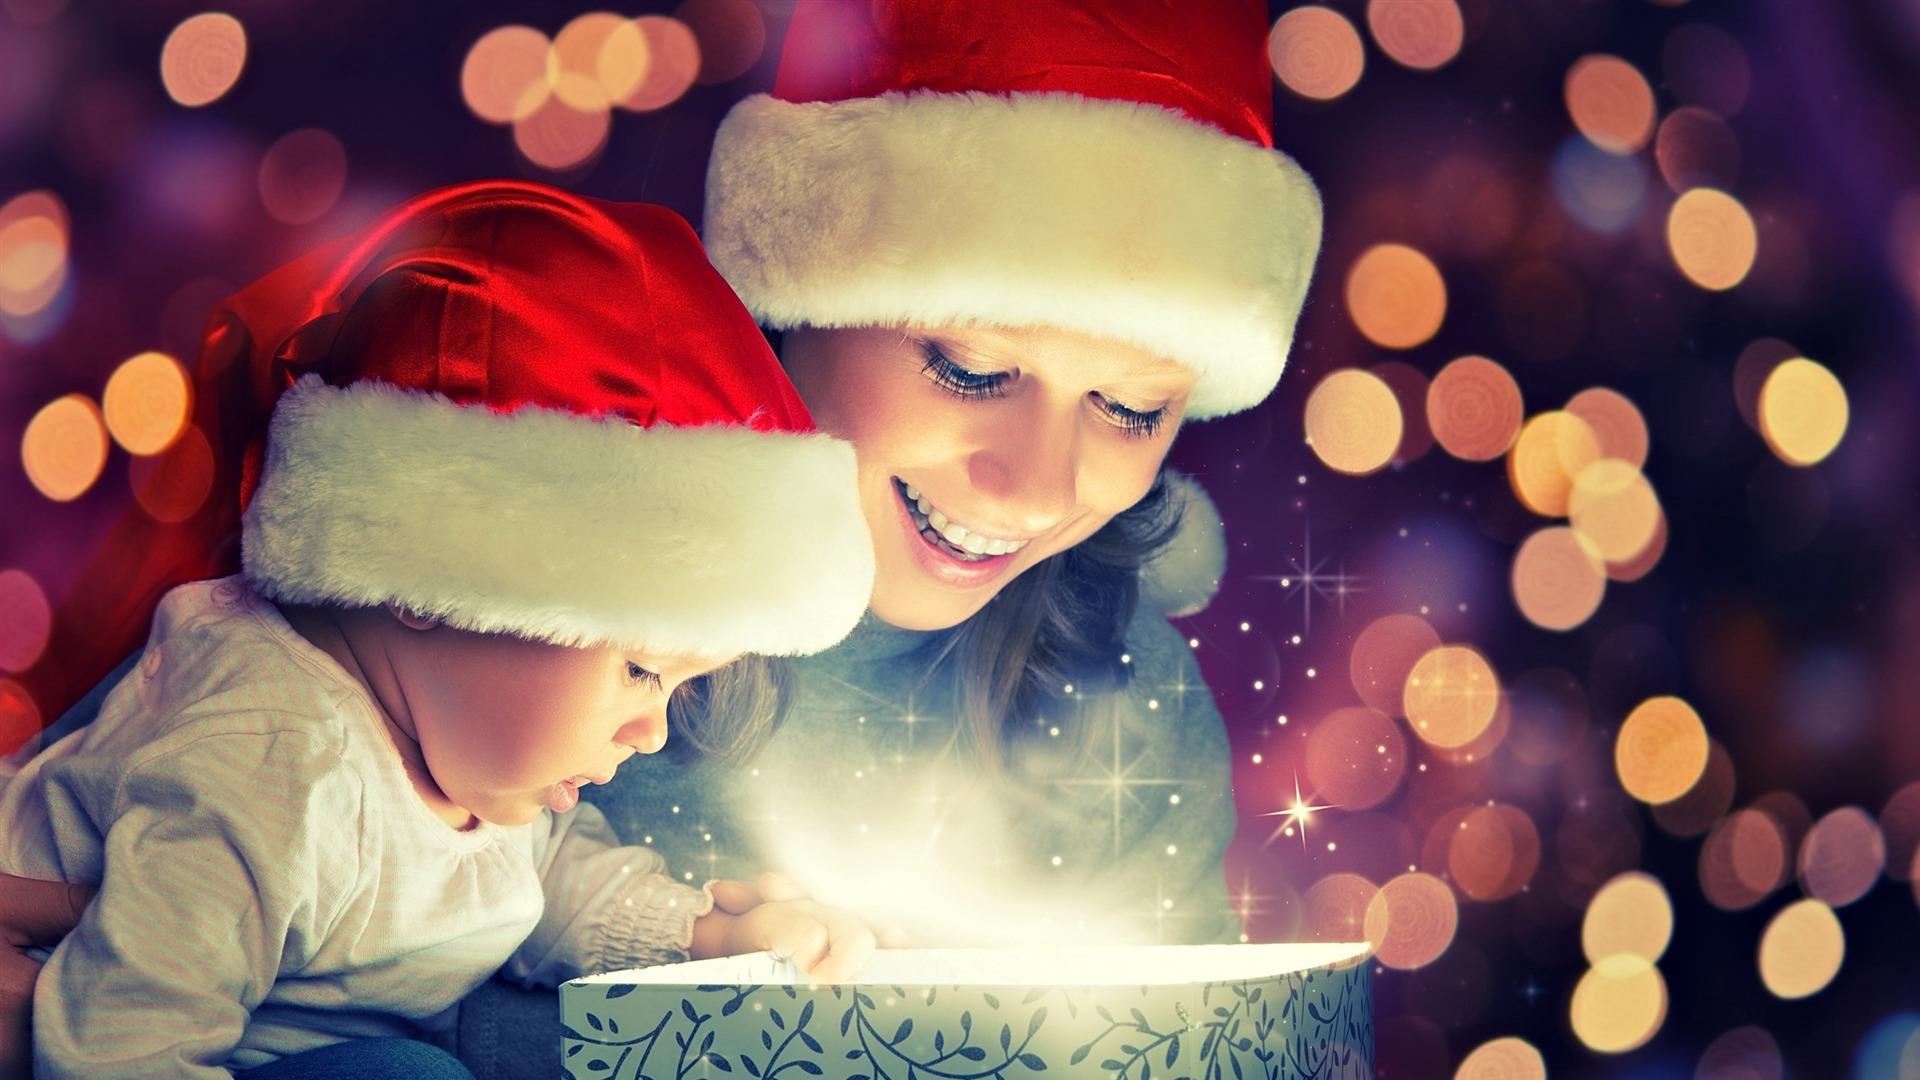 Жителям какой страны придумали дарить подарки на новый год